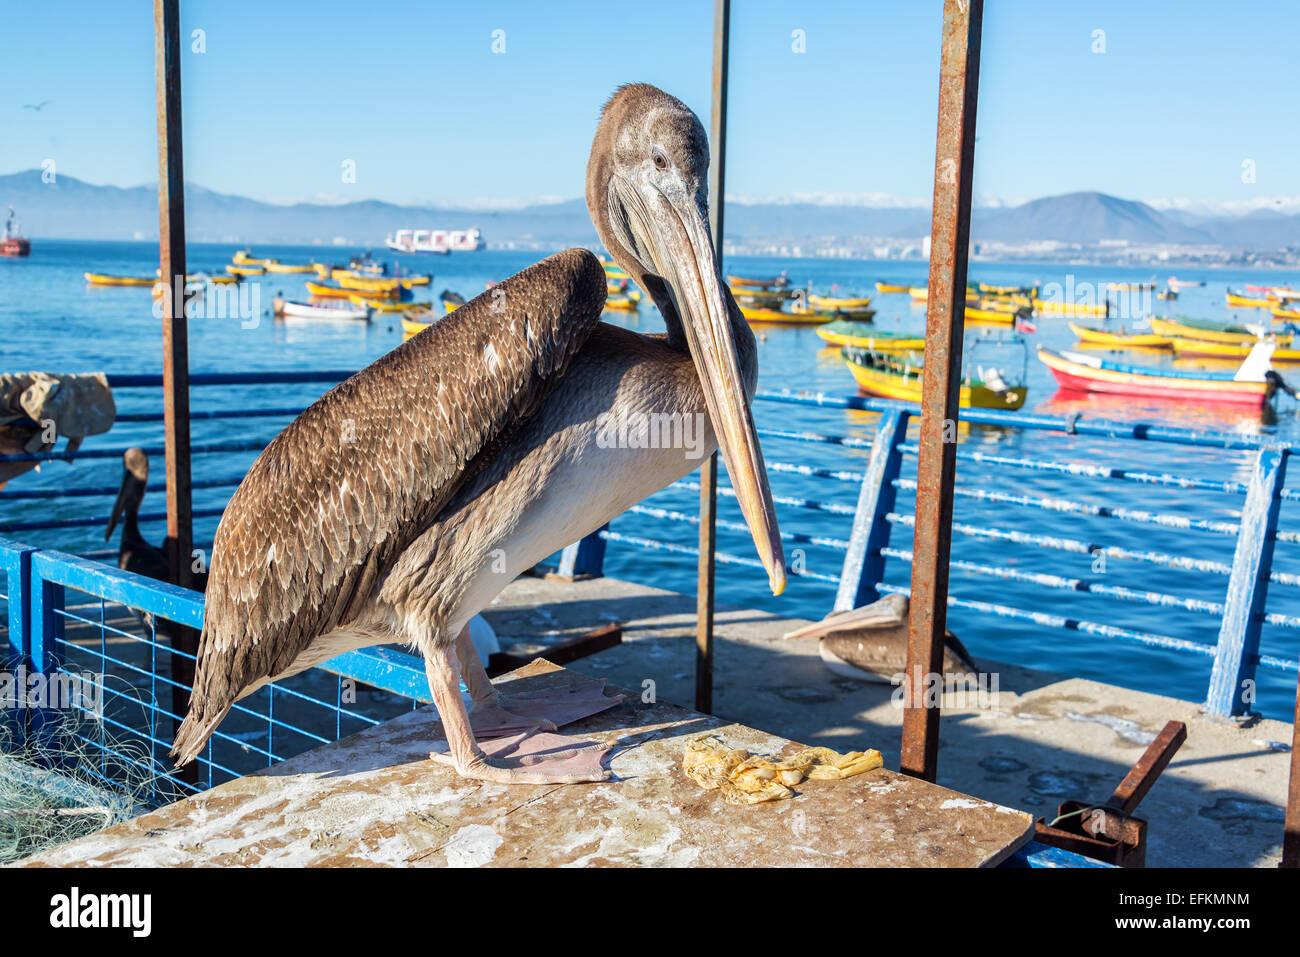 Pelican permanent avec des bateaux colorés en arrière-plan à Coquimbo, Chili Photo Stock